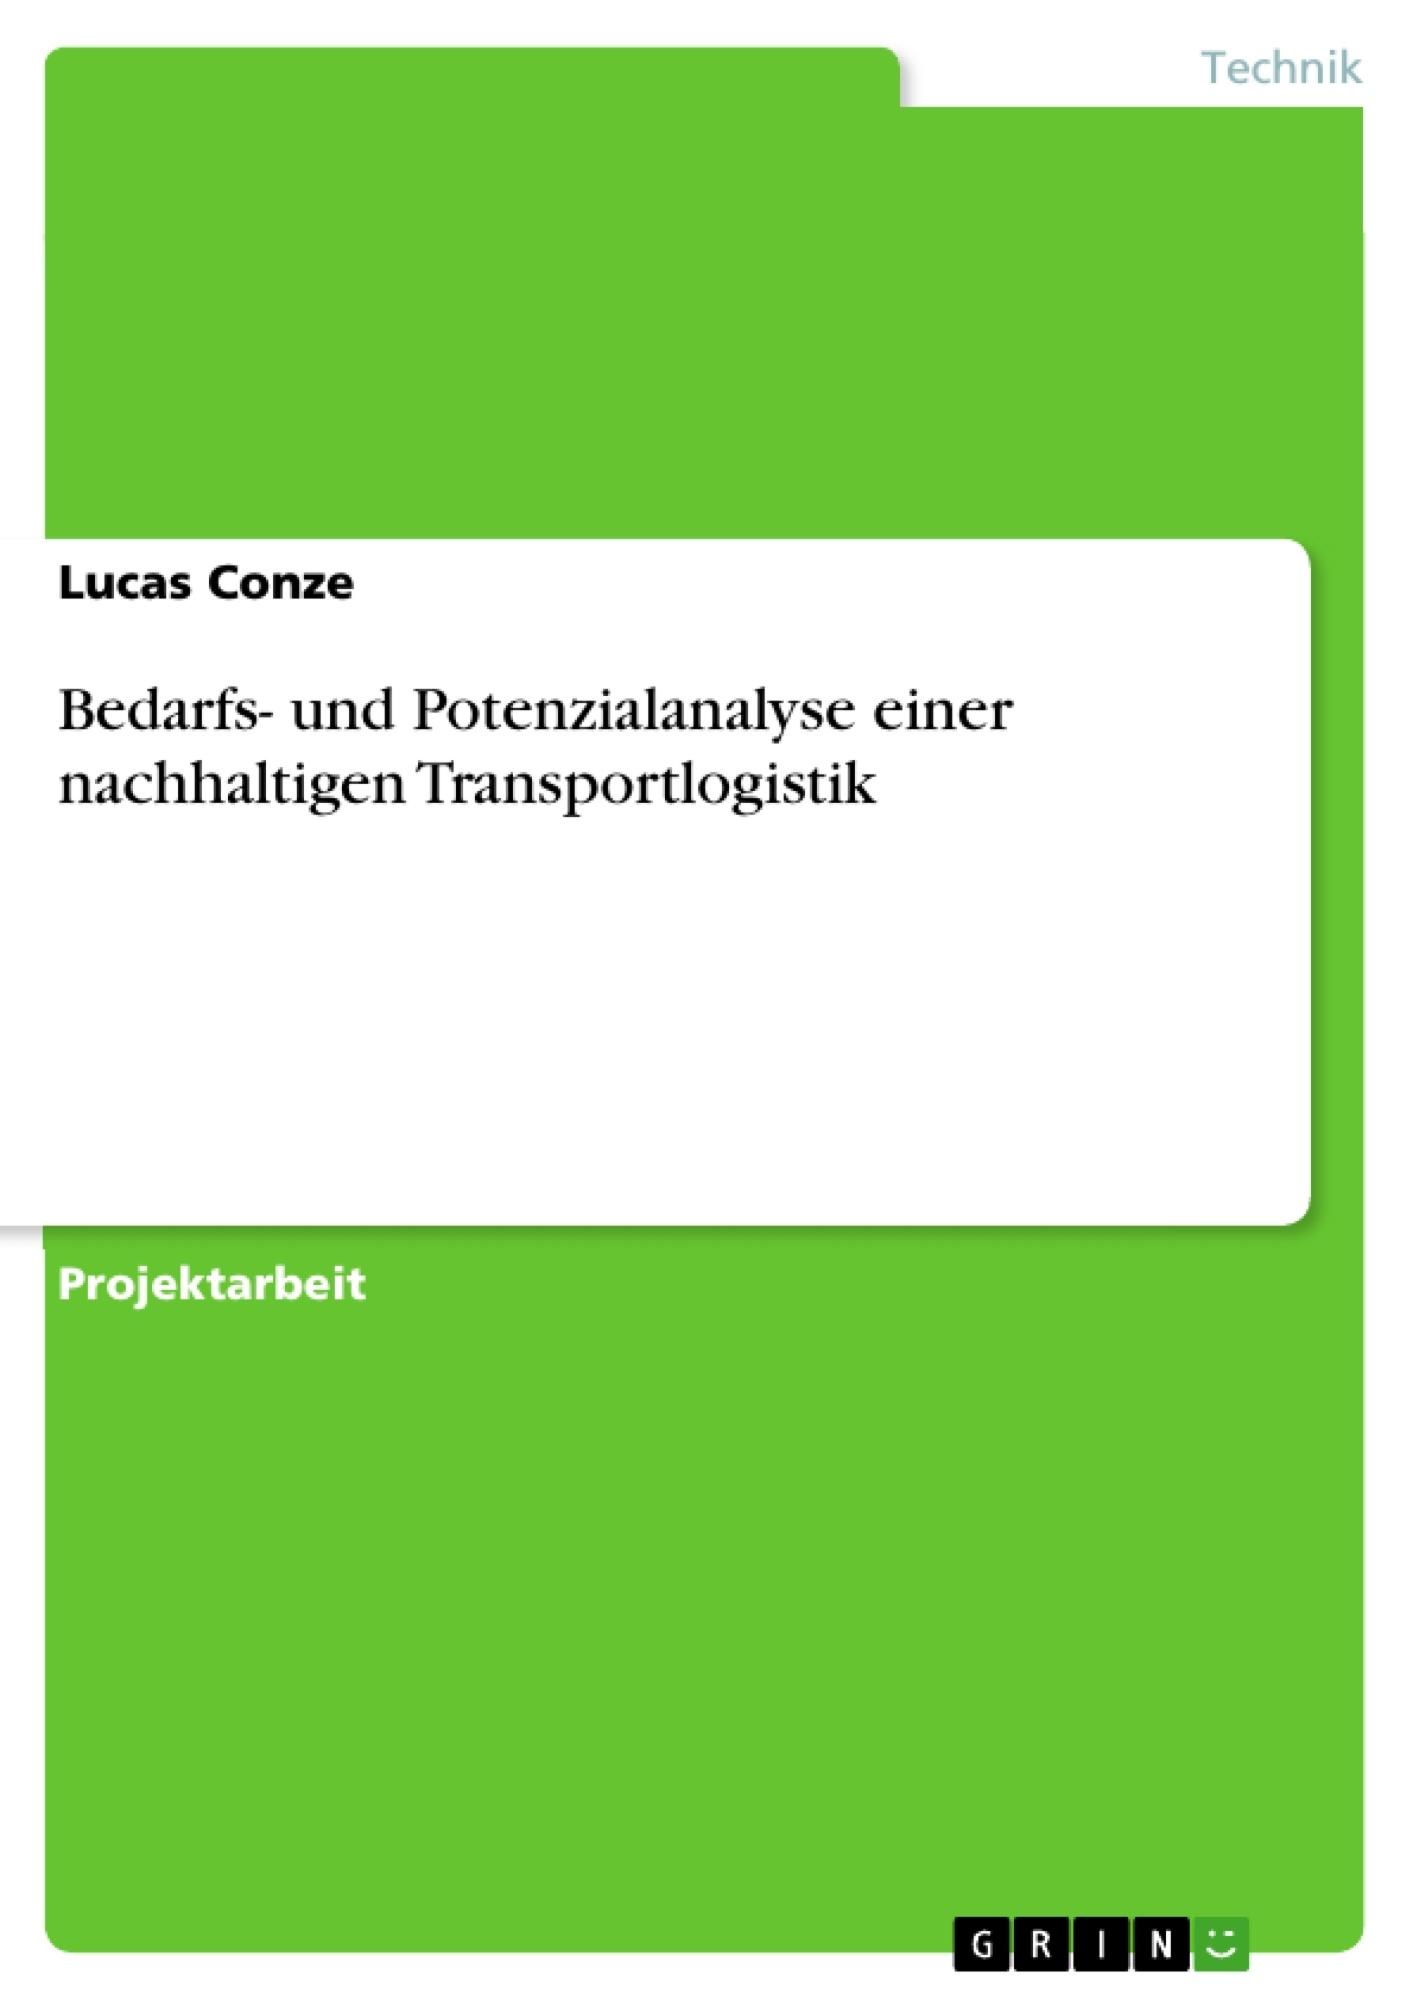 Titel: Bedarfs- und Potenzialanalyse einer nachhaltigen Transportlogistik